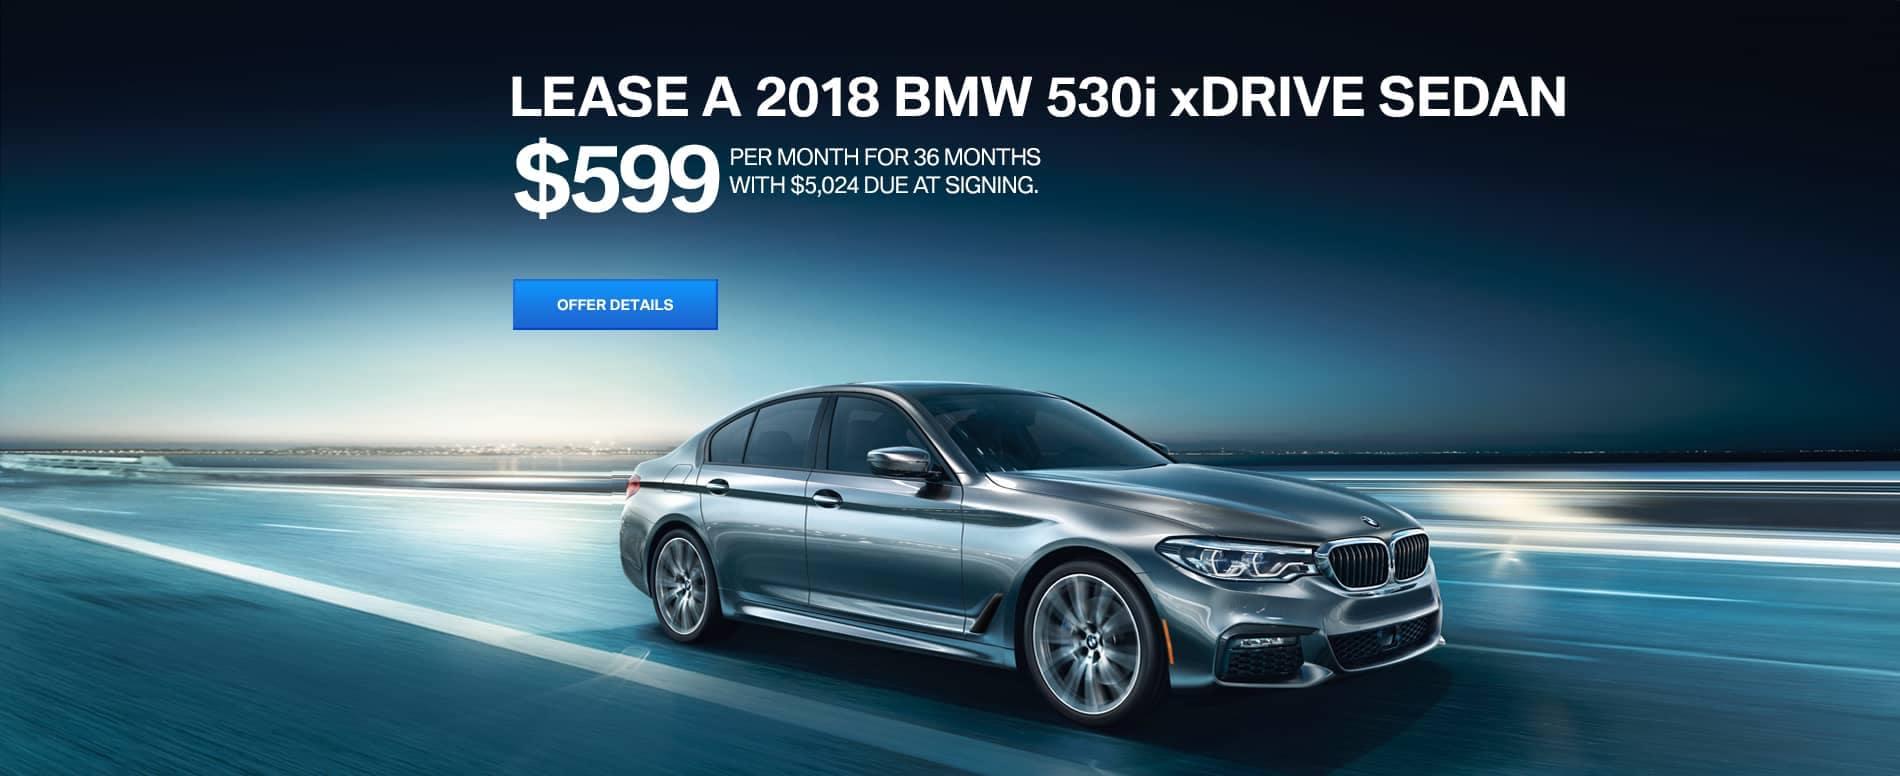 2018_530i_xDrive_Sedan_REGIONAL_$599_Lease